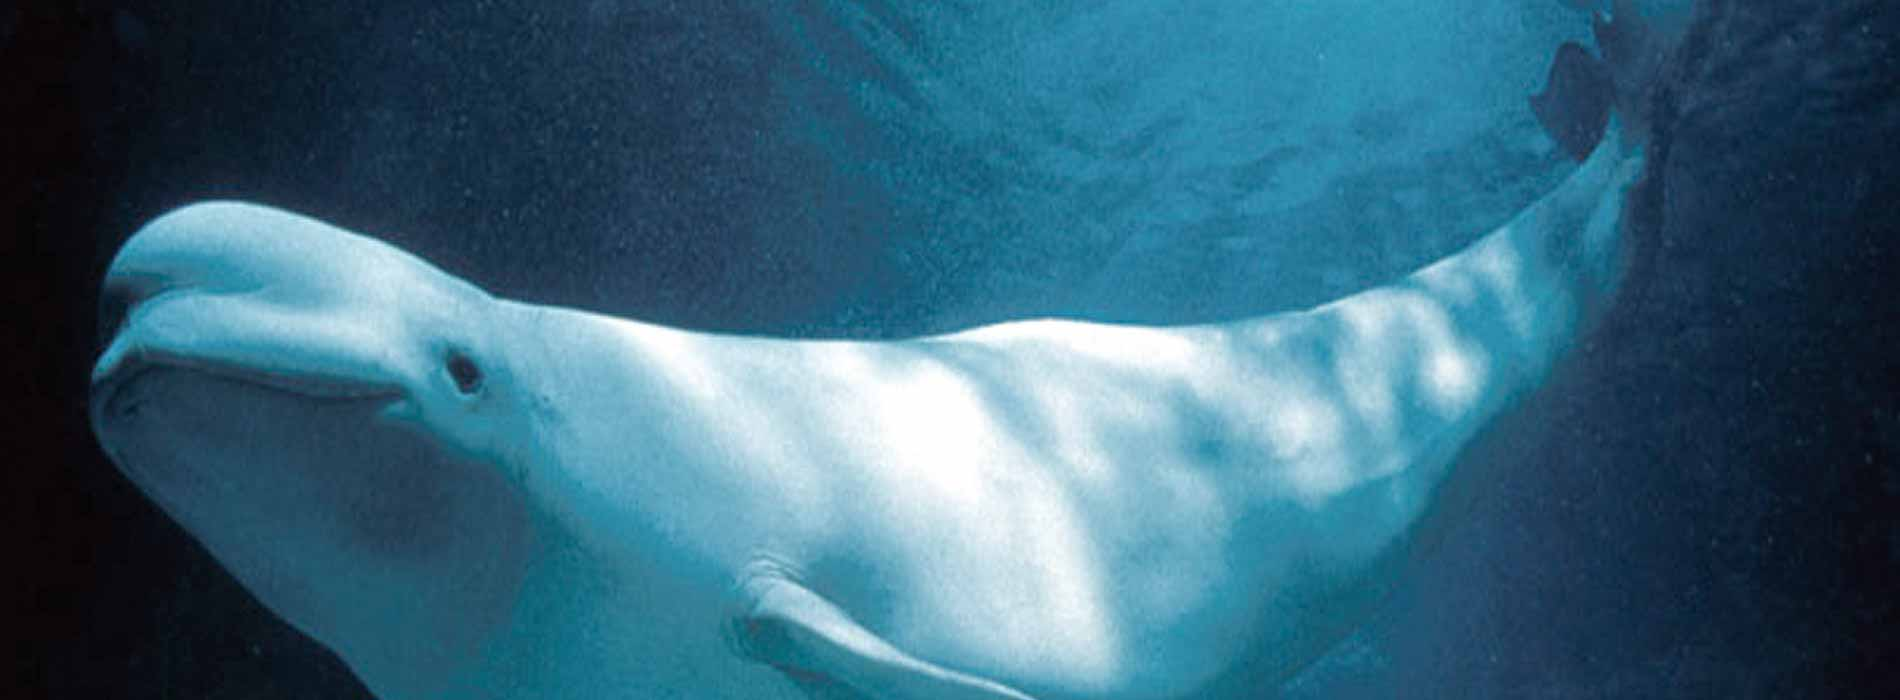 Beluga whale head